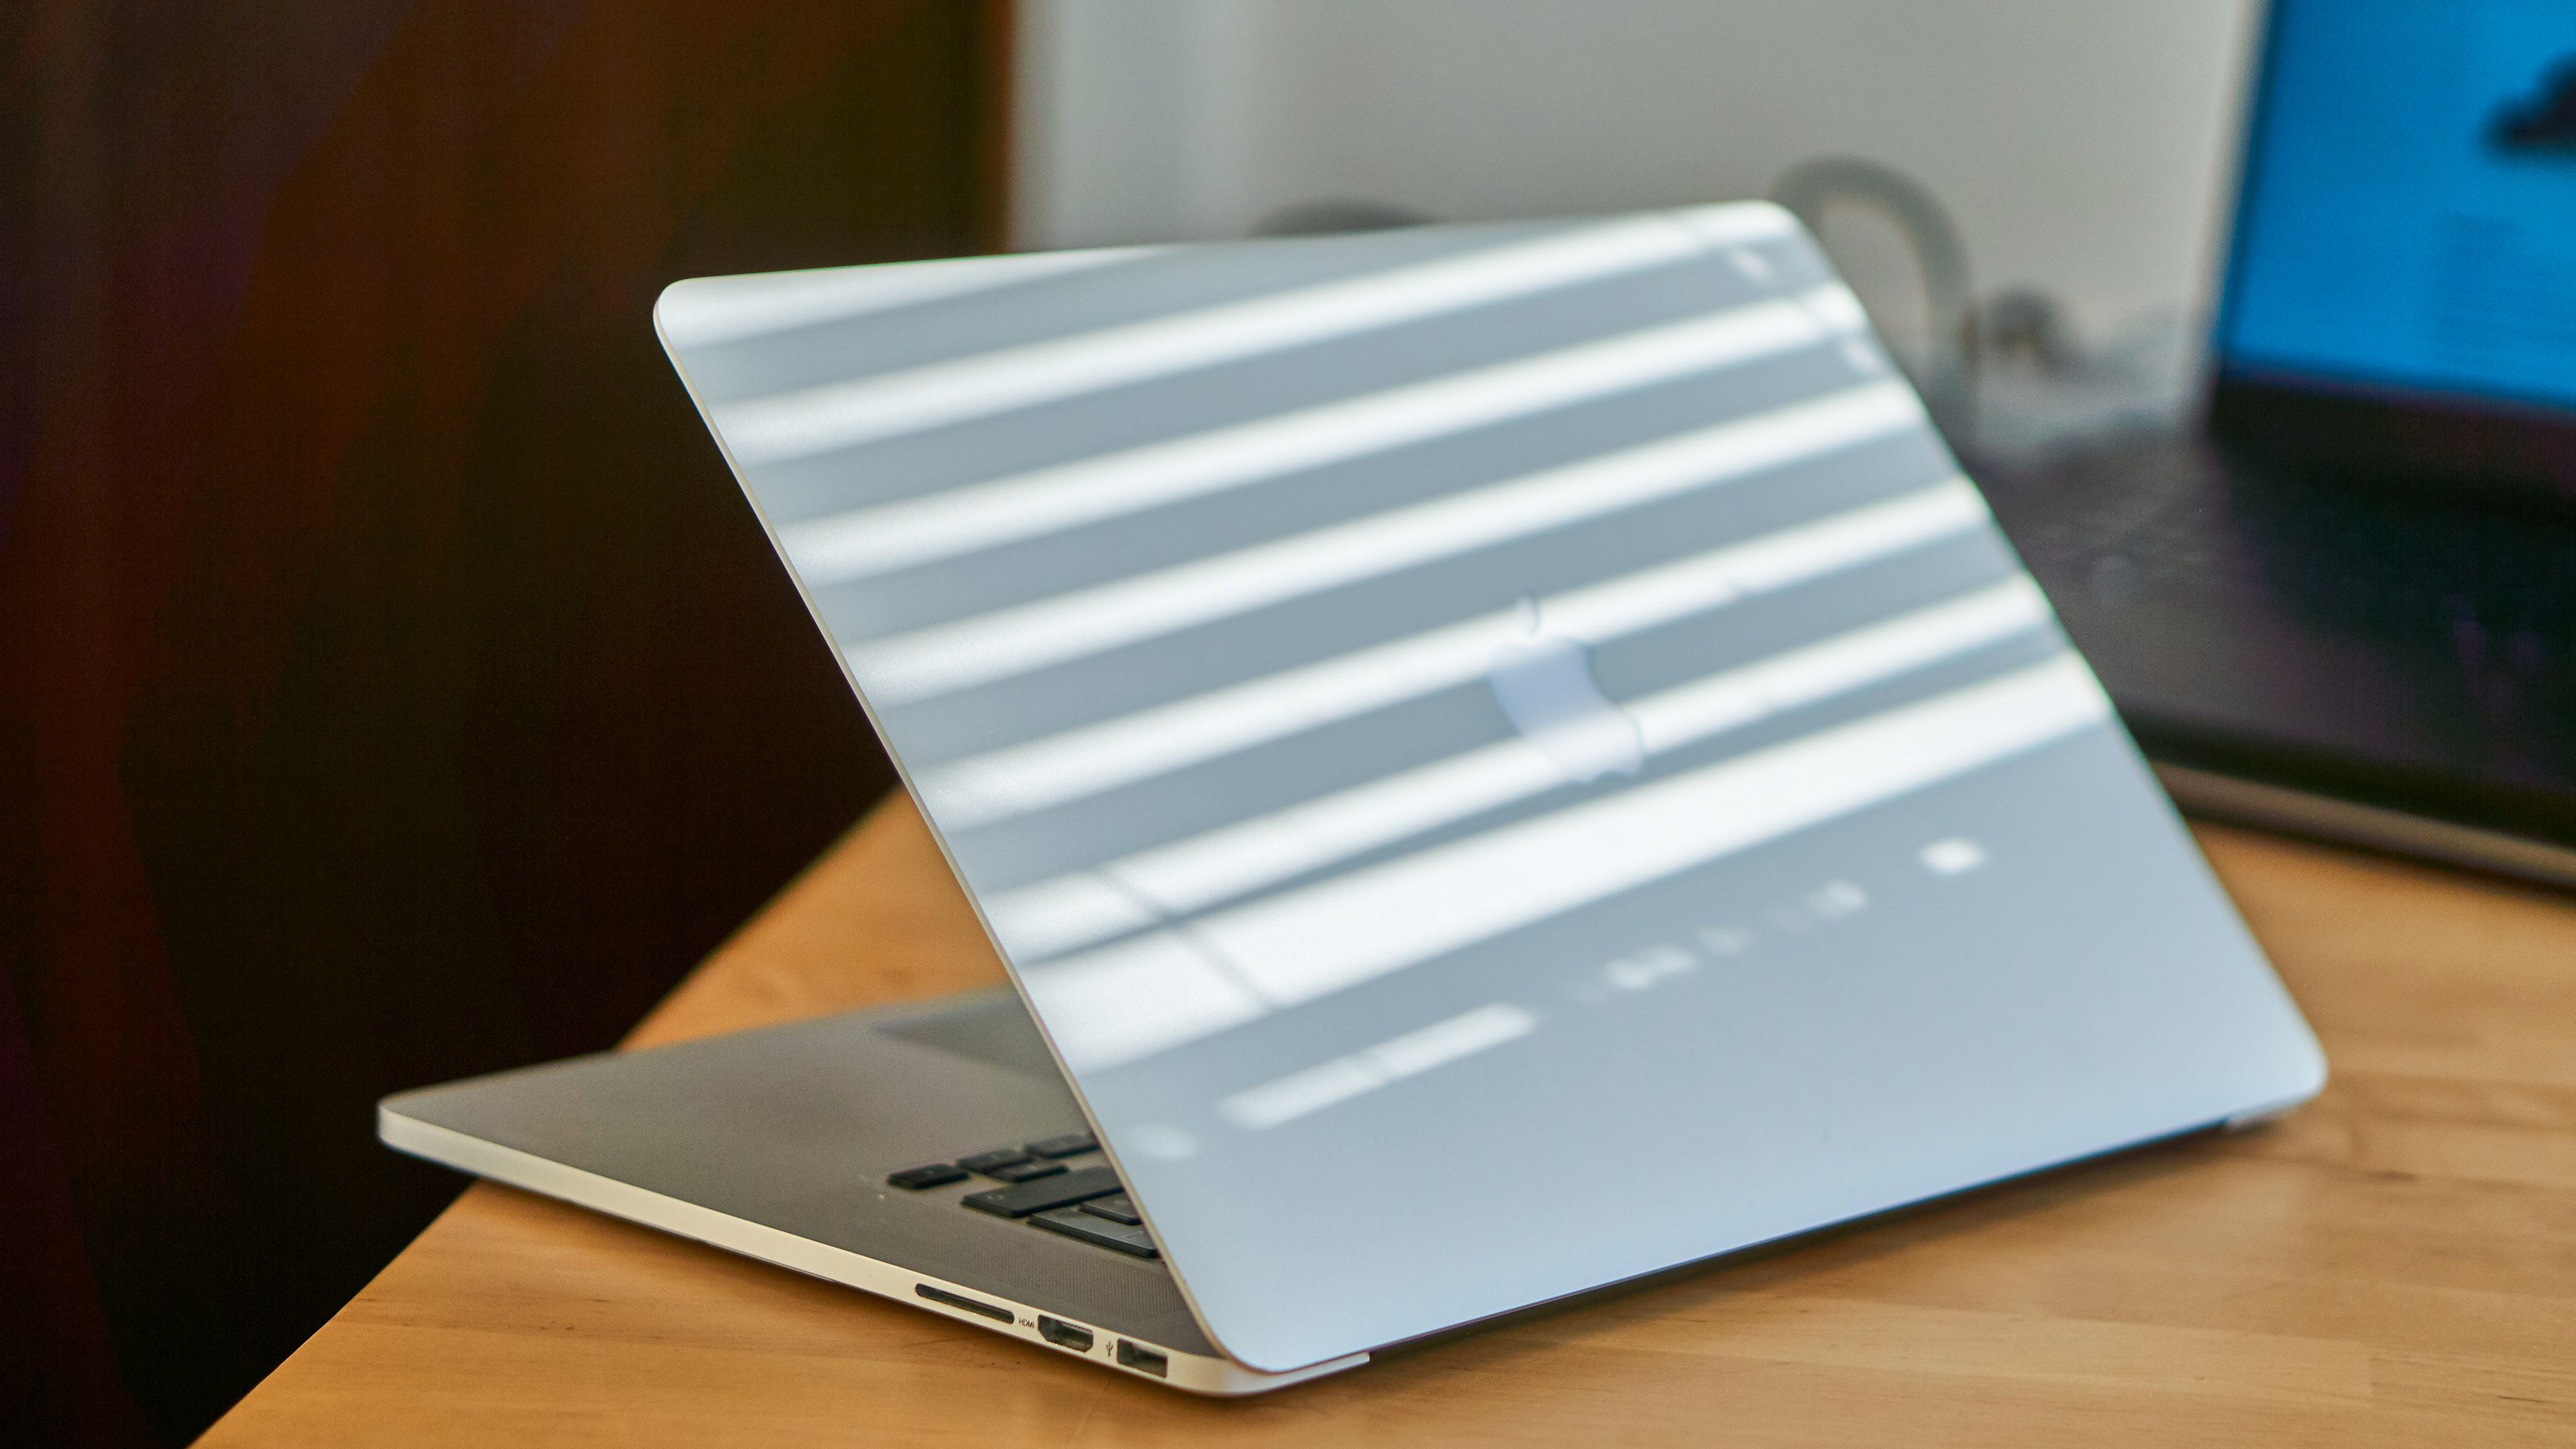 Siste generasjon MacBook med fullstørrelse USB-porter.